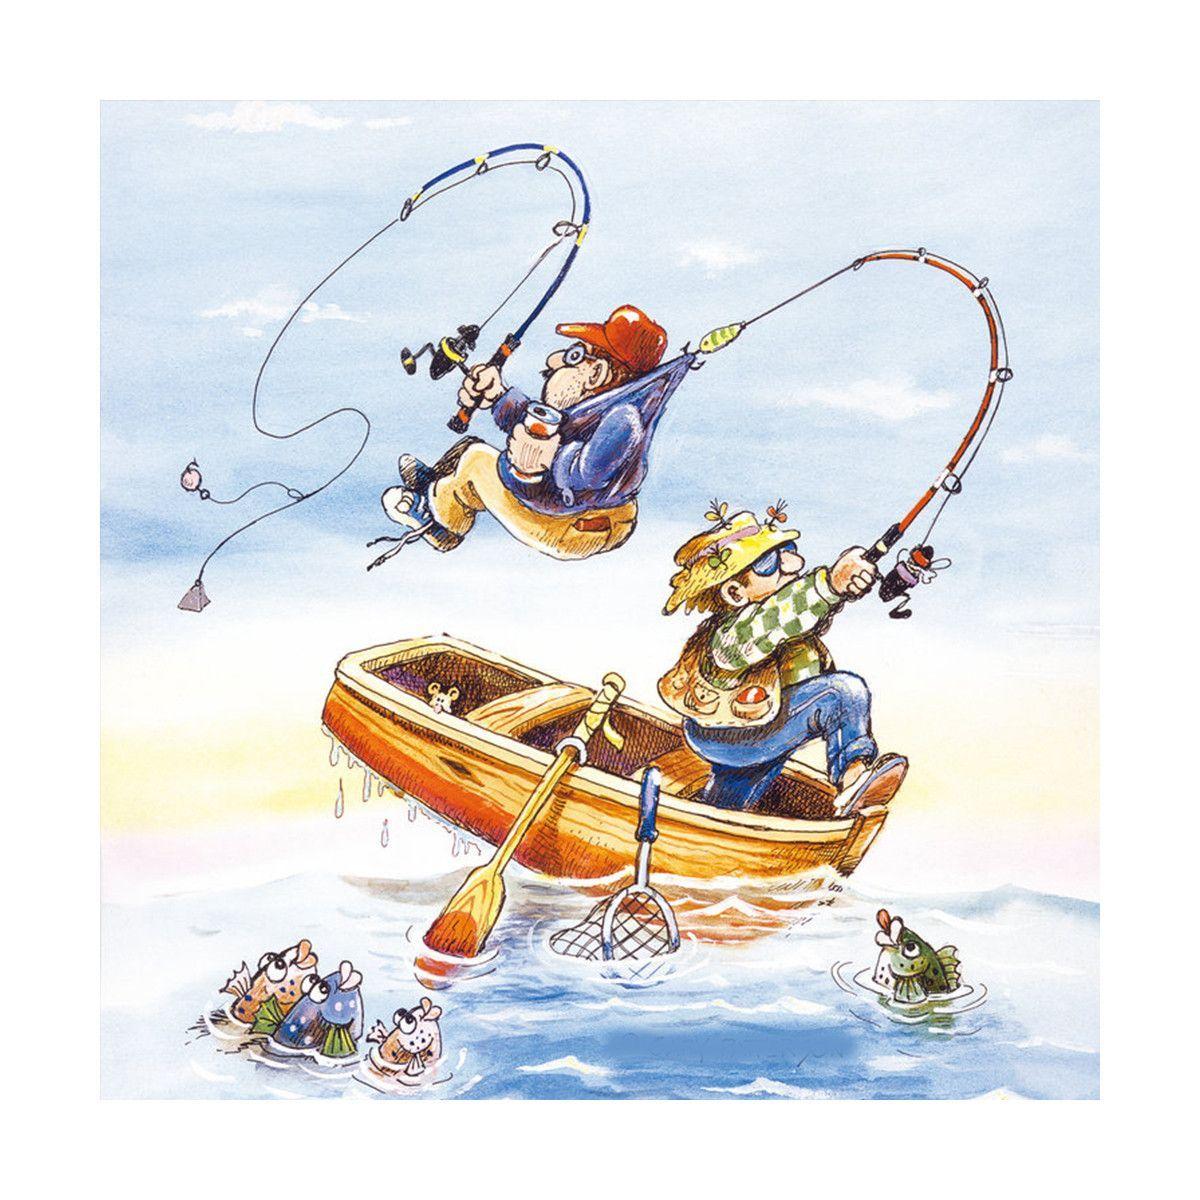 Фотографии открыток о рыбалке, сестренке